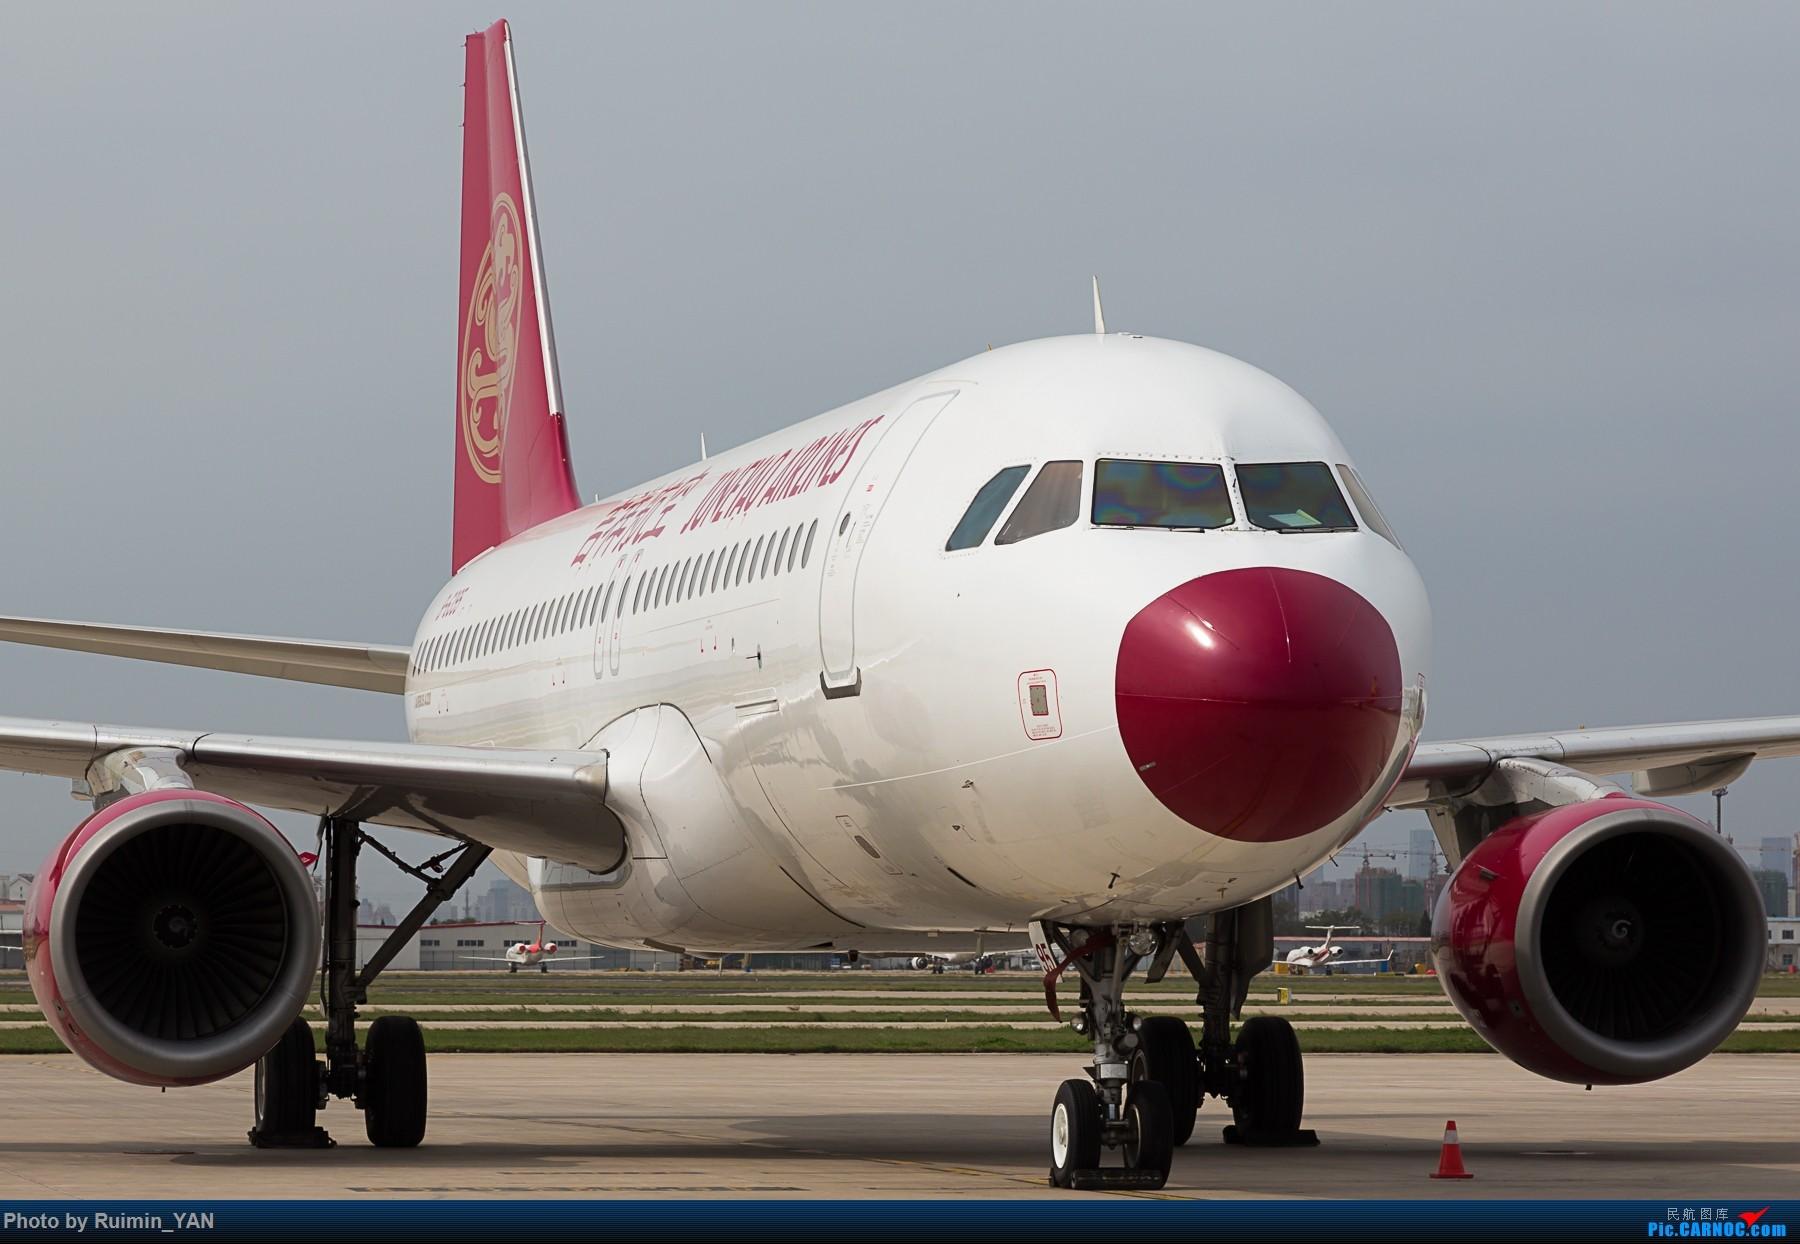 [原创]【TSN】吉祥航空(HO,Juneyao Airlines) 红鼻子 B-6395 A320 AIRBUS A320-200 B-6395 中国天津滨海国际机场